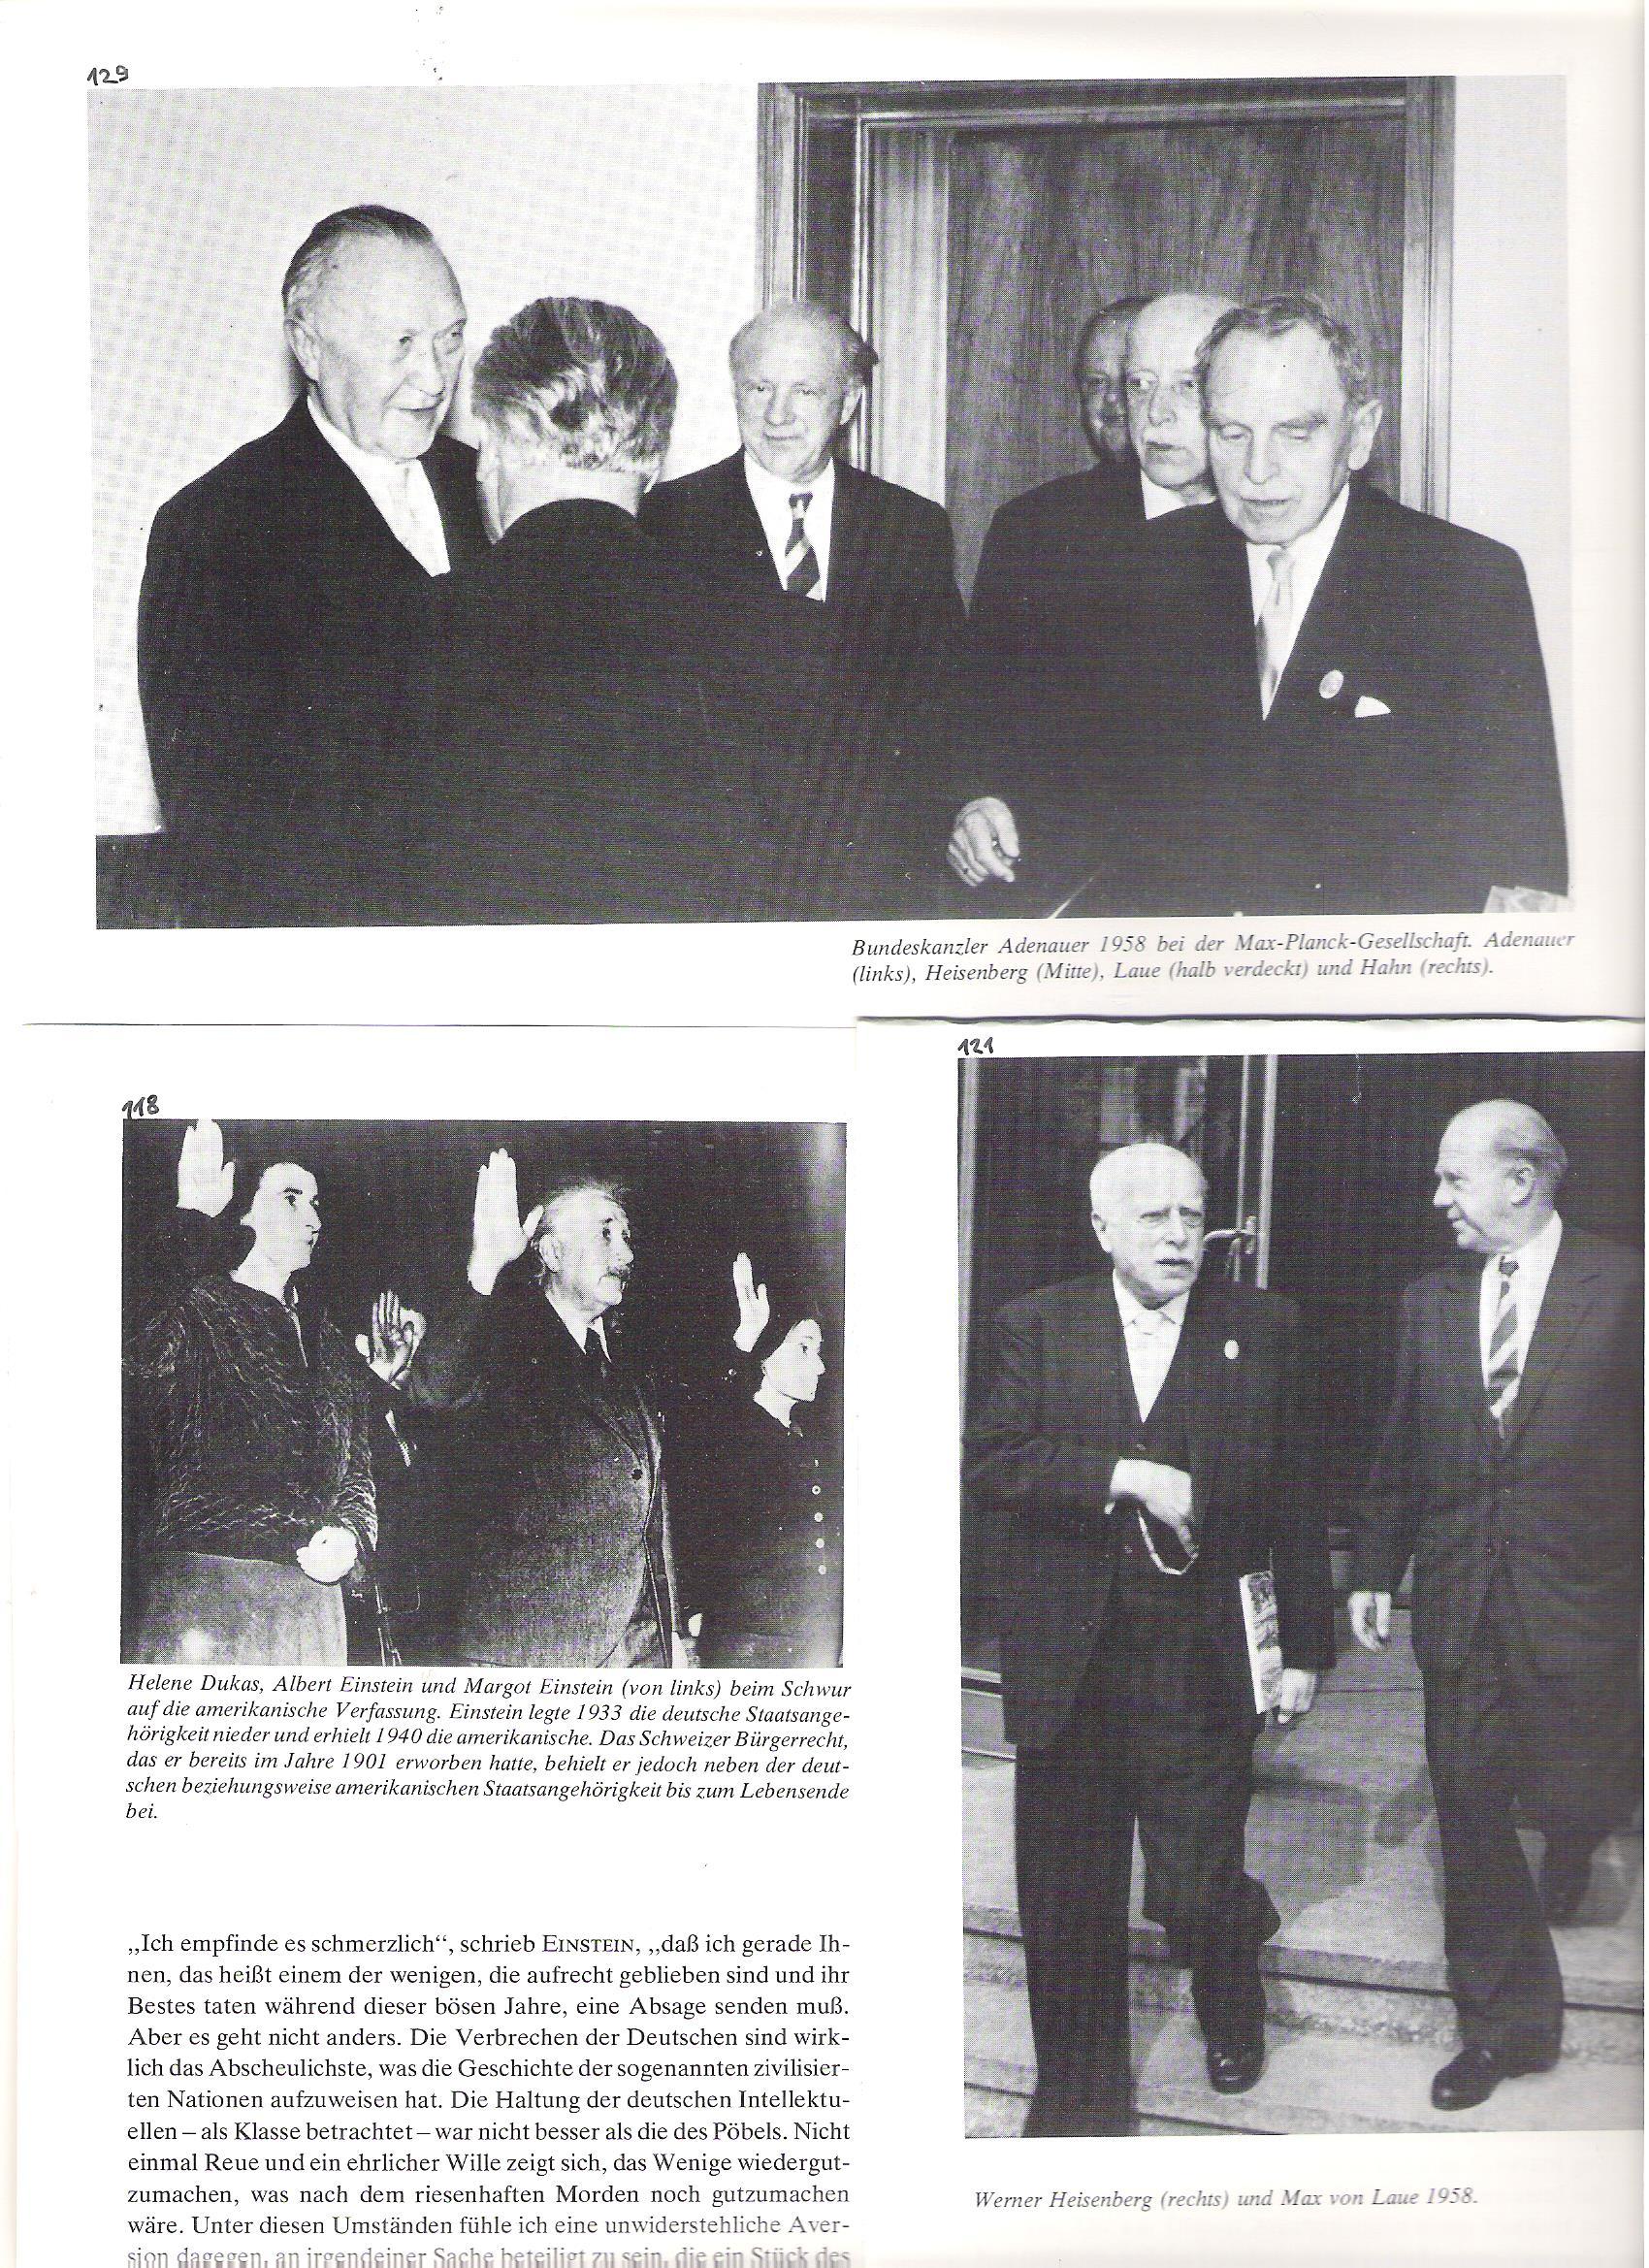 118<br />Helene Dukas, Albert Einstein és Margot Einstein (balról) fölesküsznek az amerikai alkotmányra. Einstein 1933-ban lemondott német állampolgárságáról és 1940-ben megkapta az amerikait. A svájci állampolgárságát (Bürgerrecht), a német mellett (?), mint az amerikait is élete végéig megtartotta.<br /><br />121<br />Werner Heisenberg és Max von Laue (1958).<br /><br />129<br />Adenauer szövetségi kancellár 1958-ban a Max Planck Társaságnál. Adenauer (balról),Heisenberg (középütt), Laue (félig eltakarva), és hahn (jobbról).